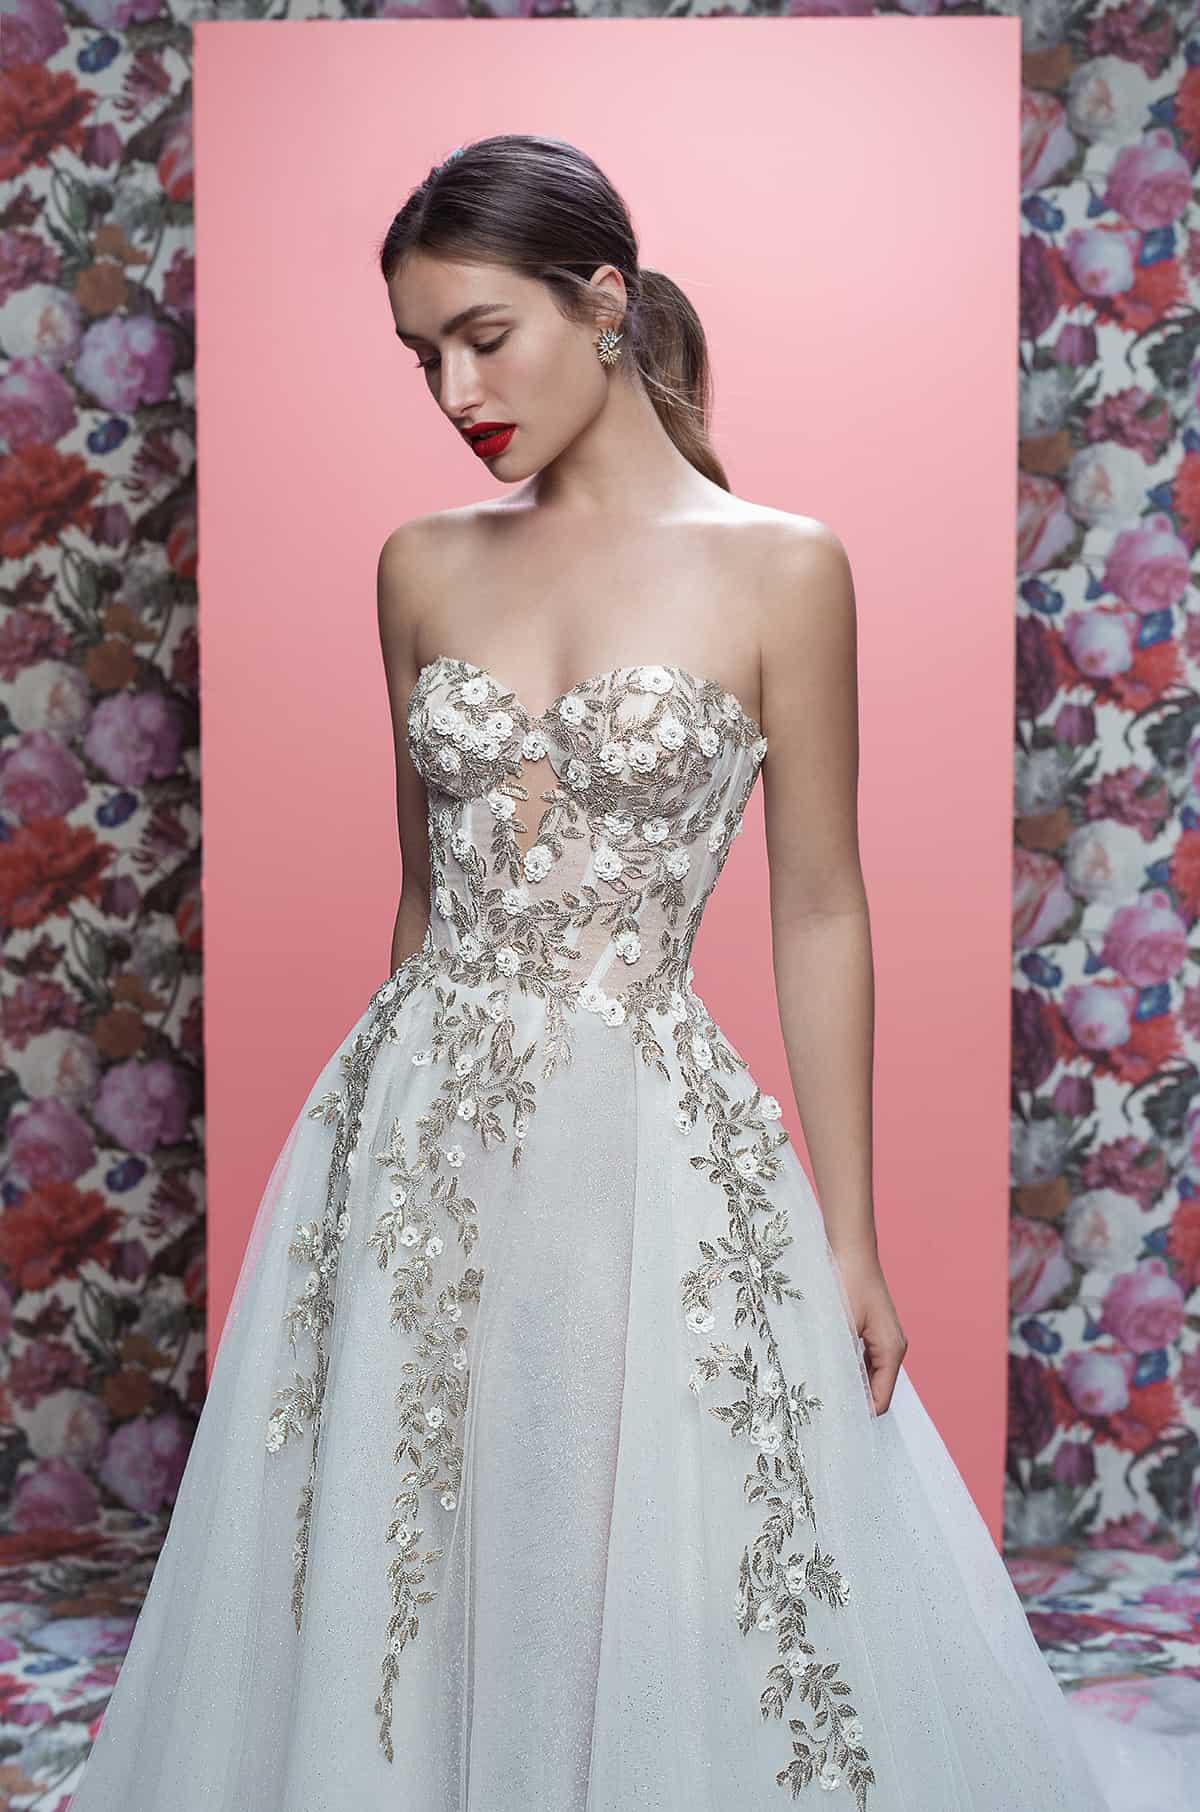 10e2345eba1 Galia-Lahav-Queen-of-Hearts-collection-Aelin-dress. Galia-Lahav -Queen-of-Hearts-collection-Aelin-dress